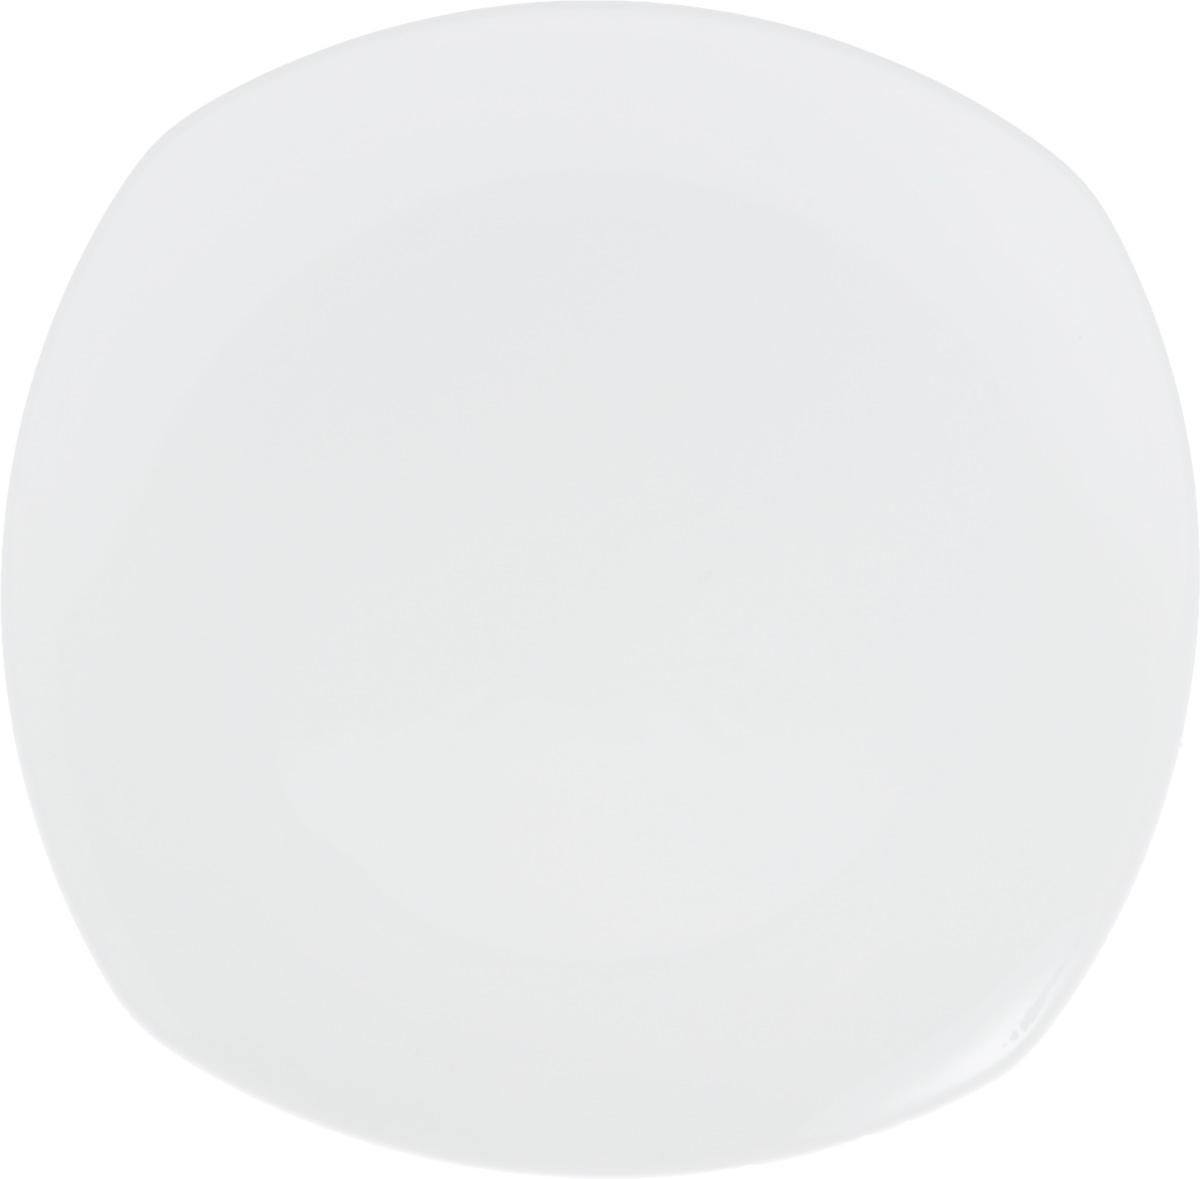 Блюдо Wilmax, 29,5 х 29,5 смWL-991003 / AОригинальное блюдо Wilmax, изготовленное извысококачественного фарфора, прекрасно подойдет для подачинарезок, закусок и других блюд. Оно украсит ваш кухонный стол,а также станет замечательным подарком к любому празднику.Размер блюда (по верхнему краю): 29,5 х 29,5 см.